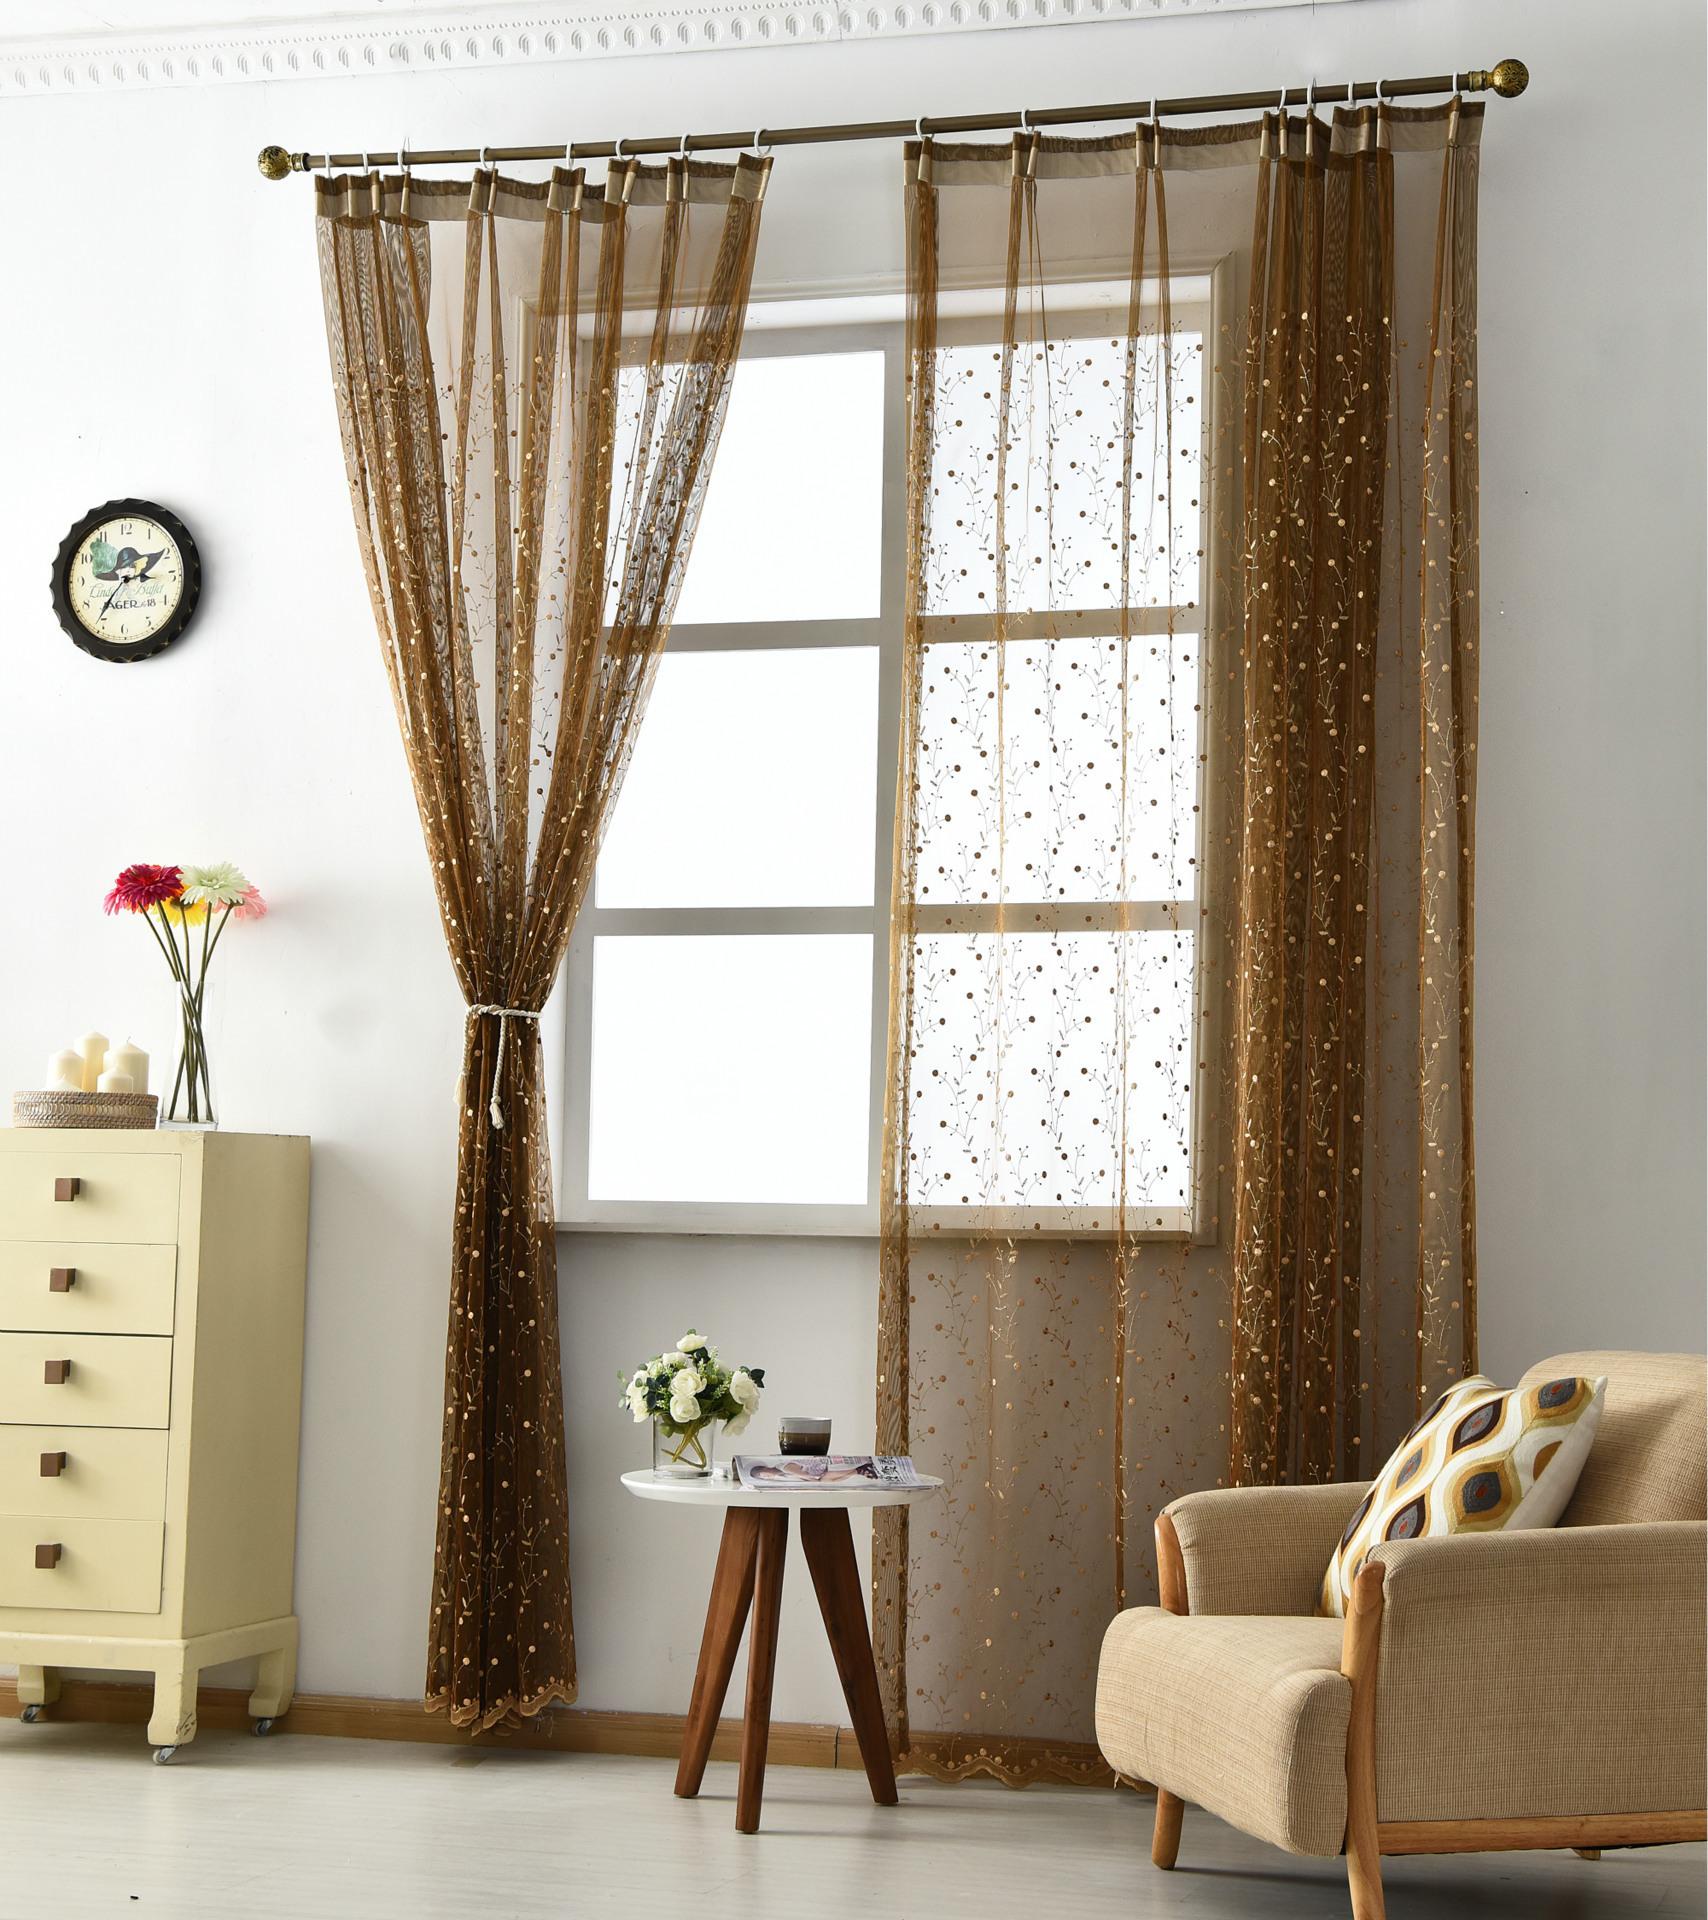 achetez en gros rideaux turquie en ligne des grossistes rideaux turquie chinois aliexpress. Black Bedroom Furniture Sets. Home Design Ideas